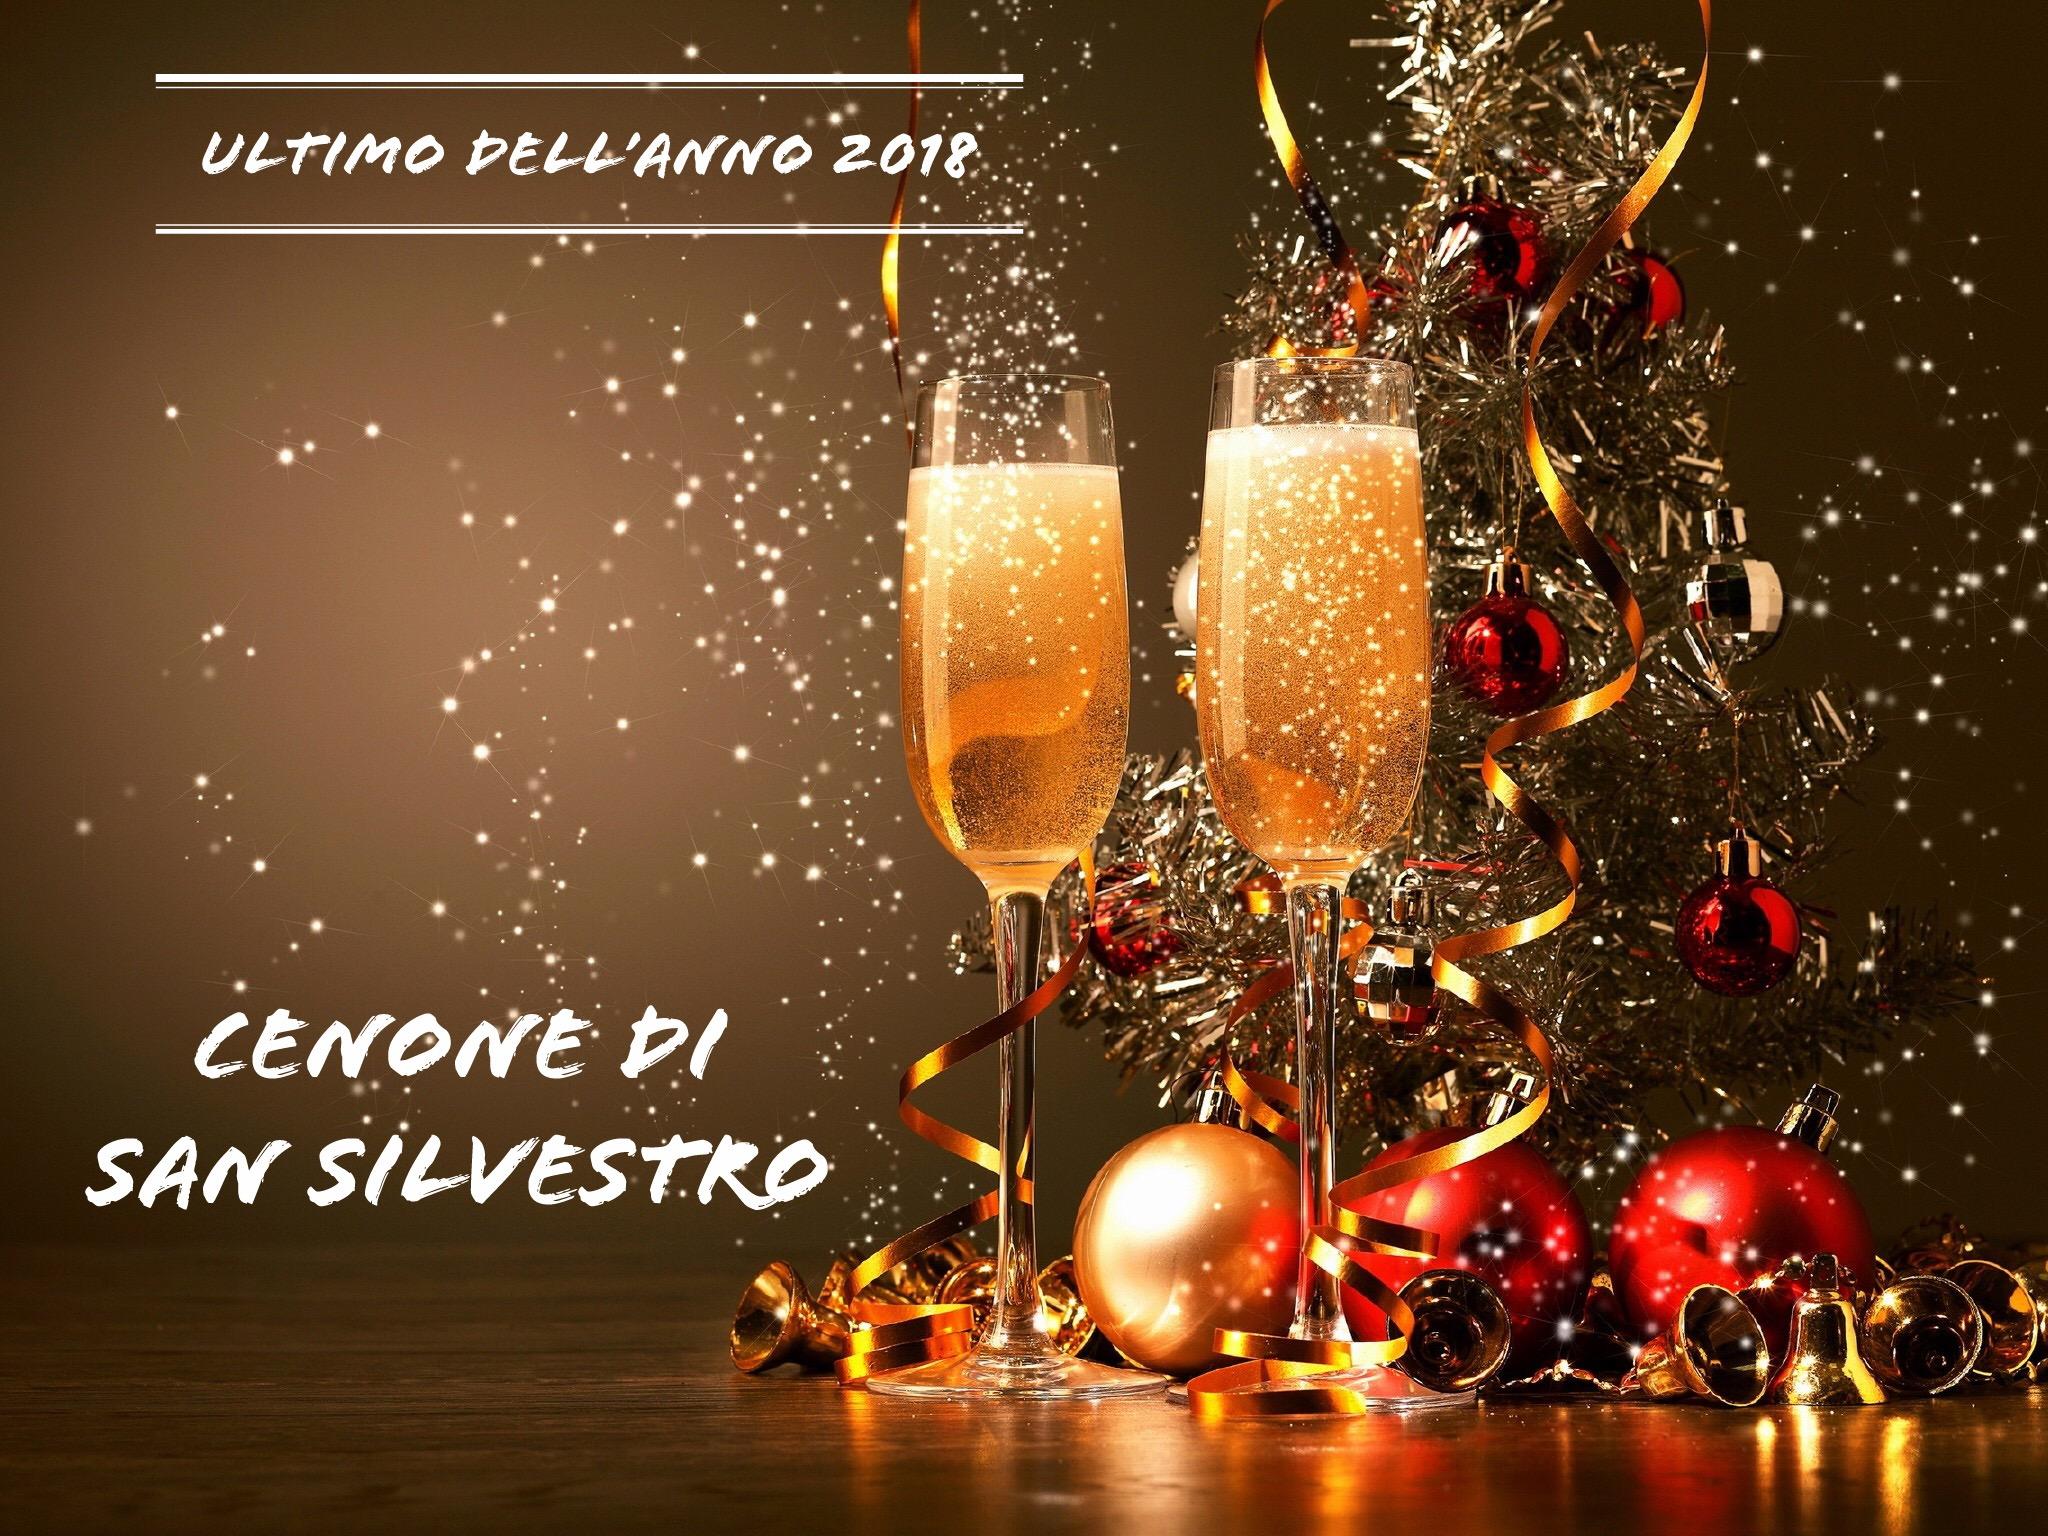 Cenone San Silvestro – Ultimo dell'Anno 2018